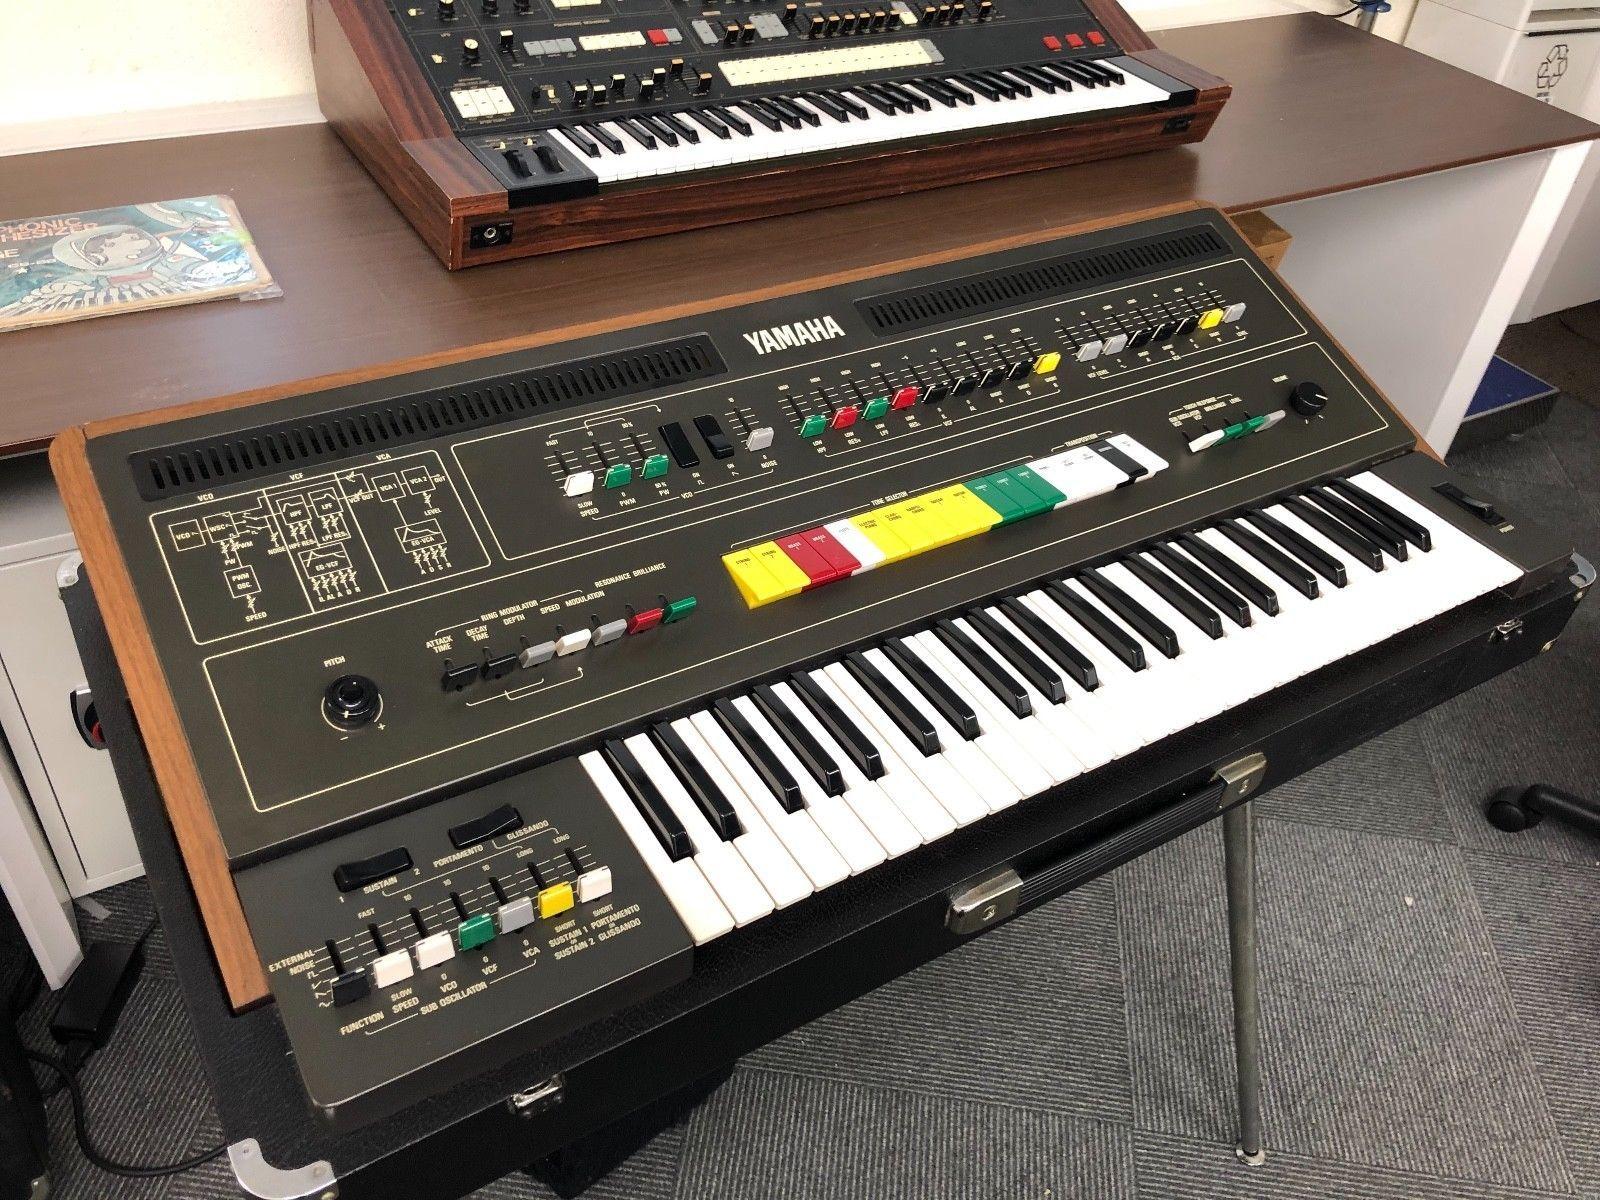 Yamaha Cs 50 Vintage Analog Synthesizer Ebay Synthesizer Yamaha